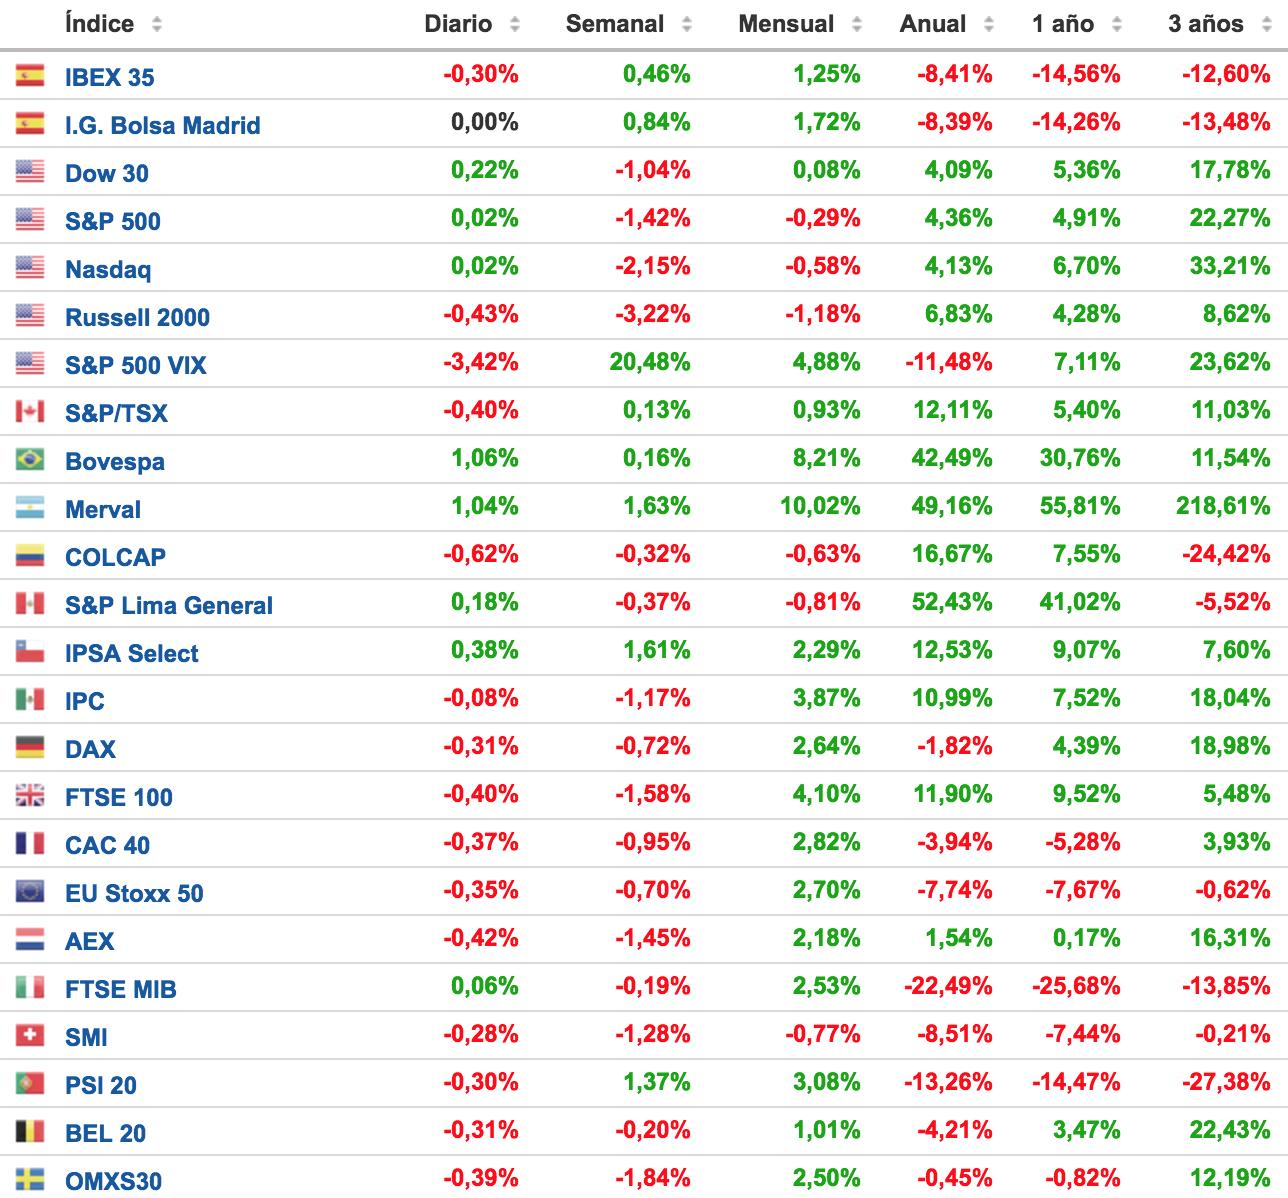 principales-índices-bursátiles-semana-14-al-17-octubre